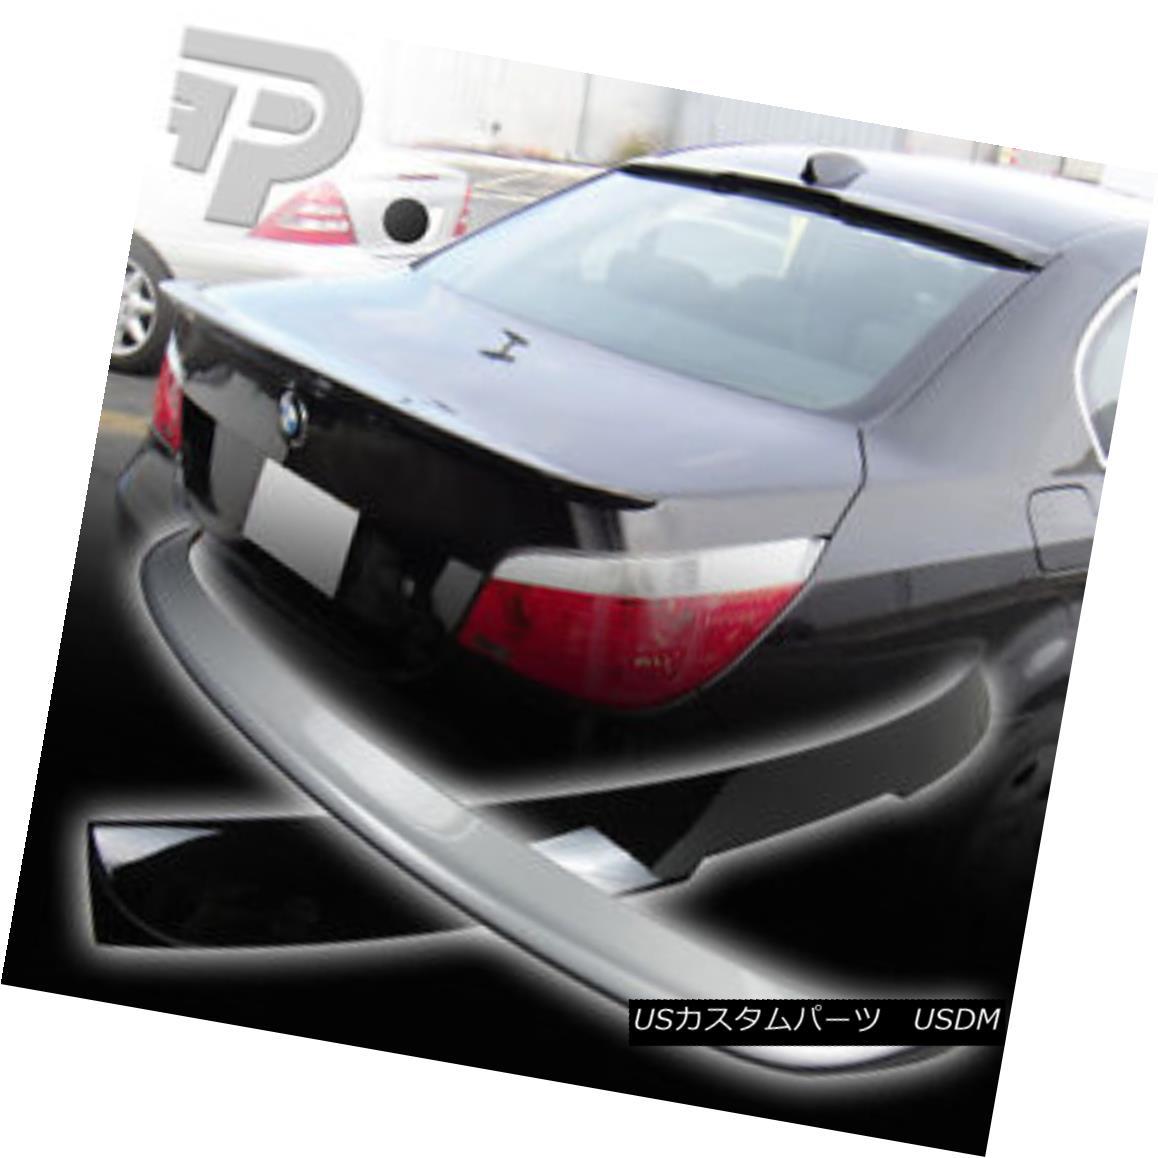 エアロパーツ PAINTED BMW E60 A TYPE ROOF REAR WING & TRUNK SPOILER 04+ ▼ ペイントされたBMW E60タイプルーフリアウイング& TRUNK SPOILER 04+?